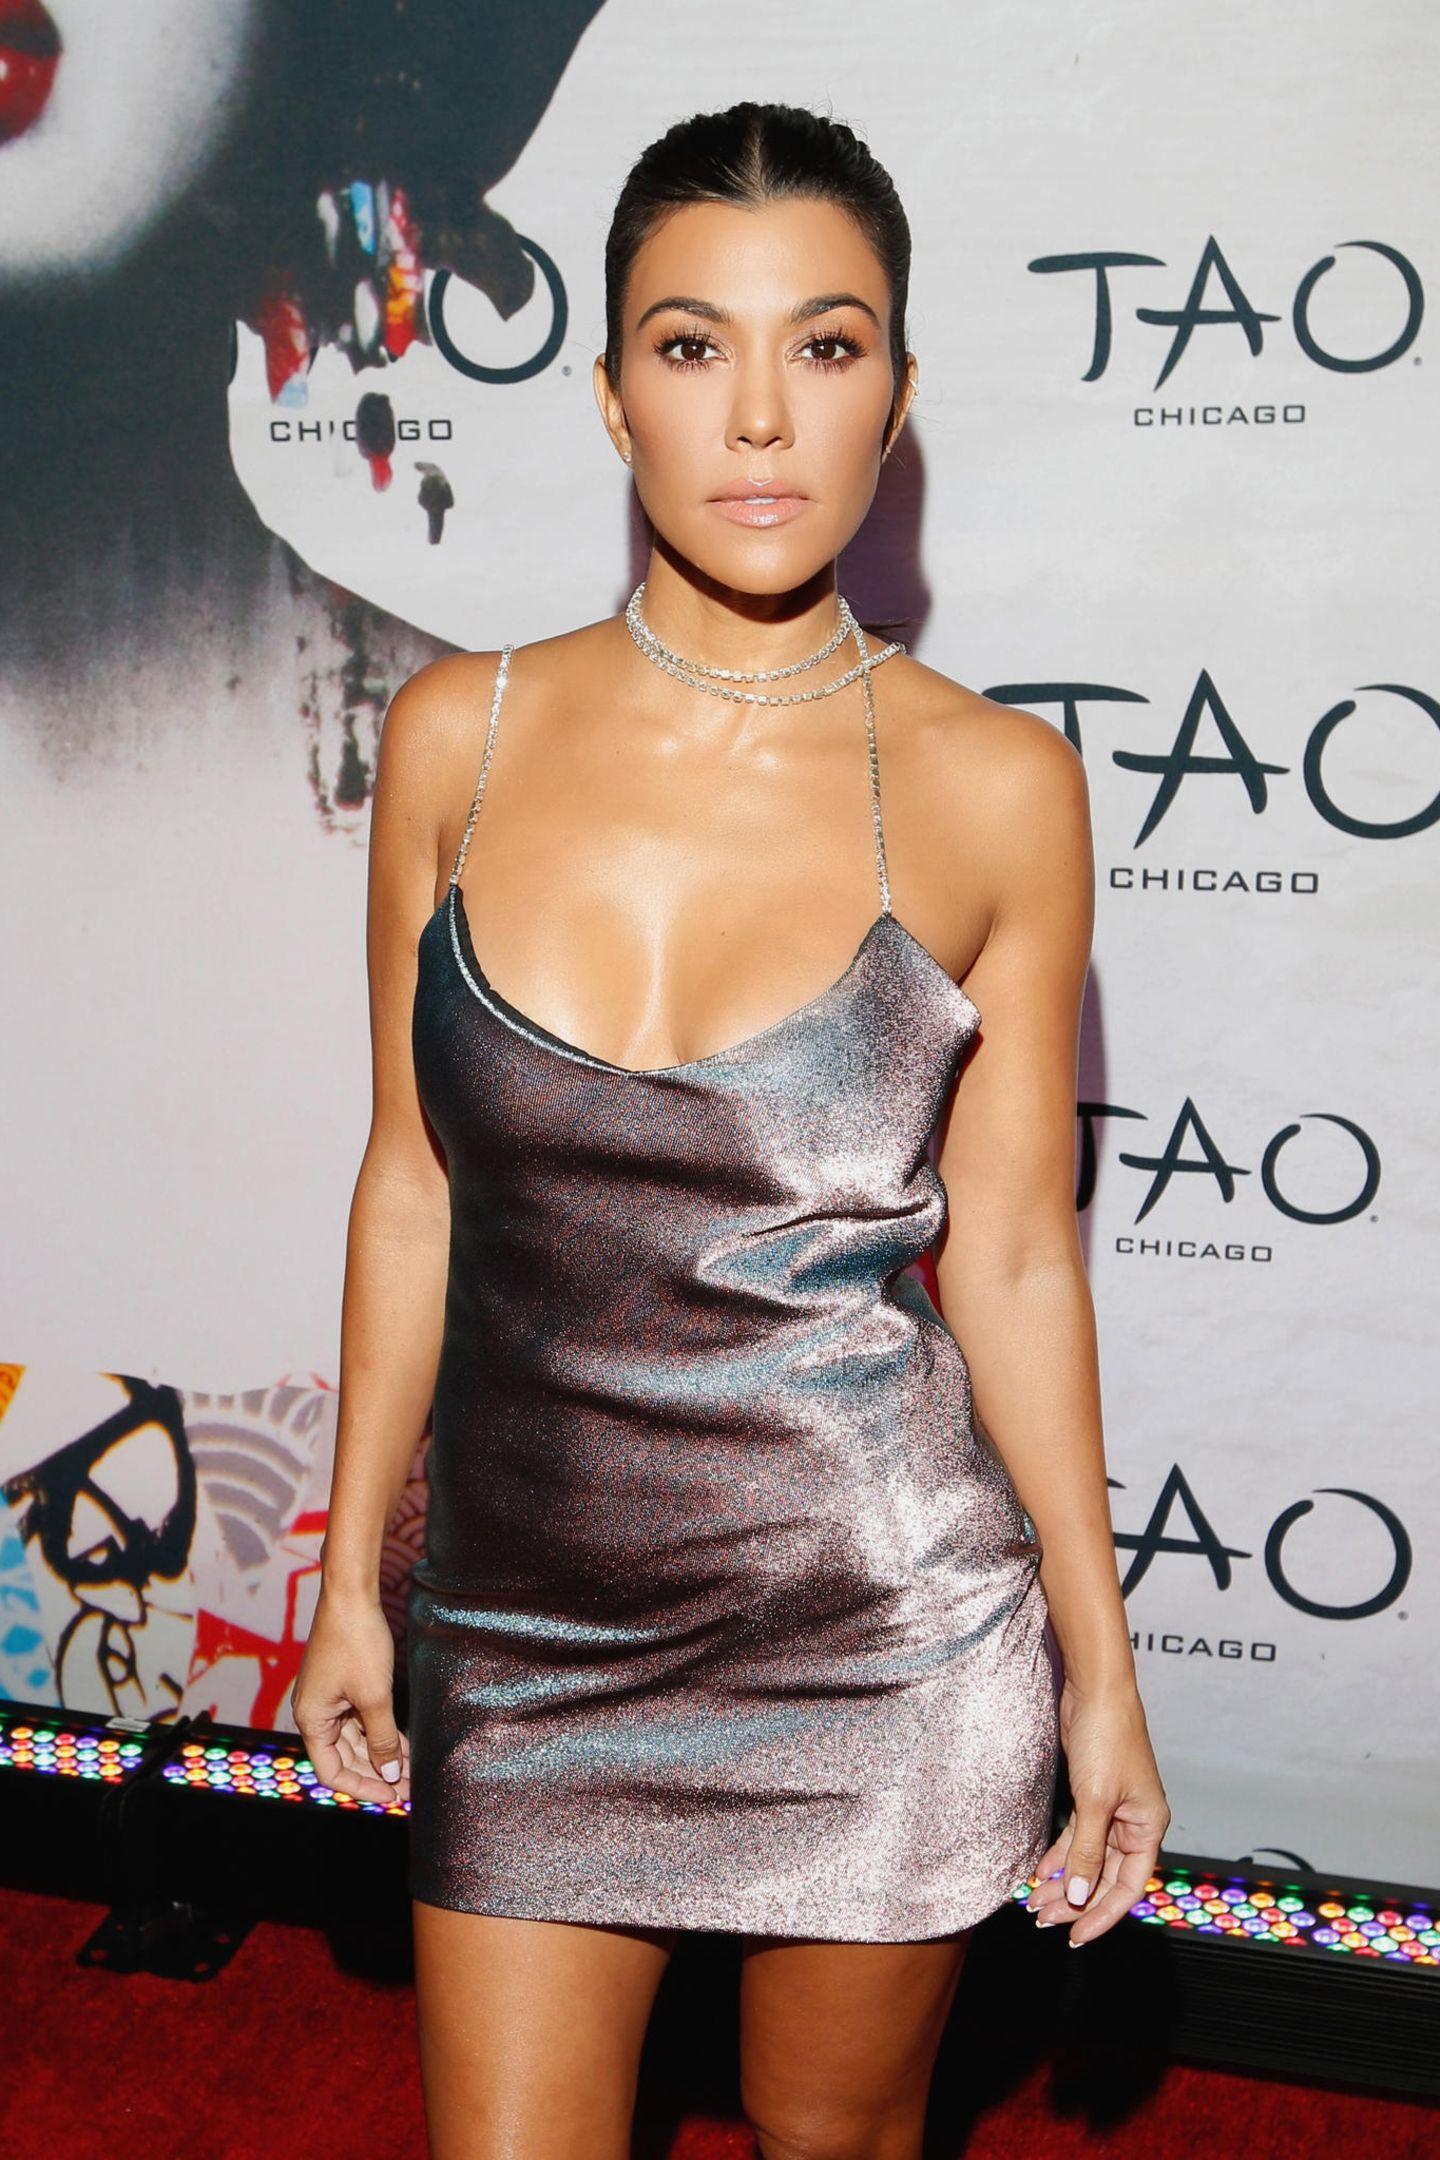 Kourtney Kardashian 25 Jahre später: Ihr jugendliches Aussehen scheint die Reality-Queen trotz dreier Kinder nicht verloren zu haben.